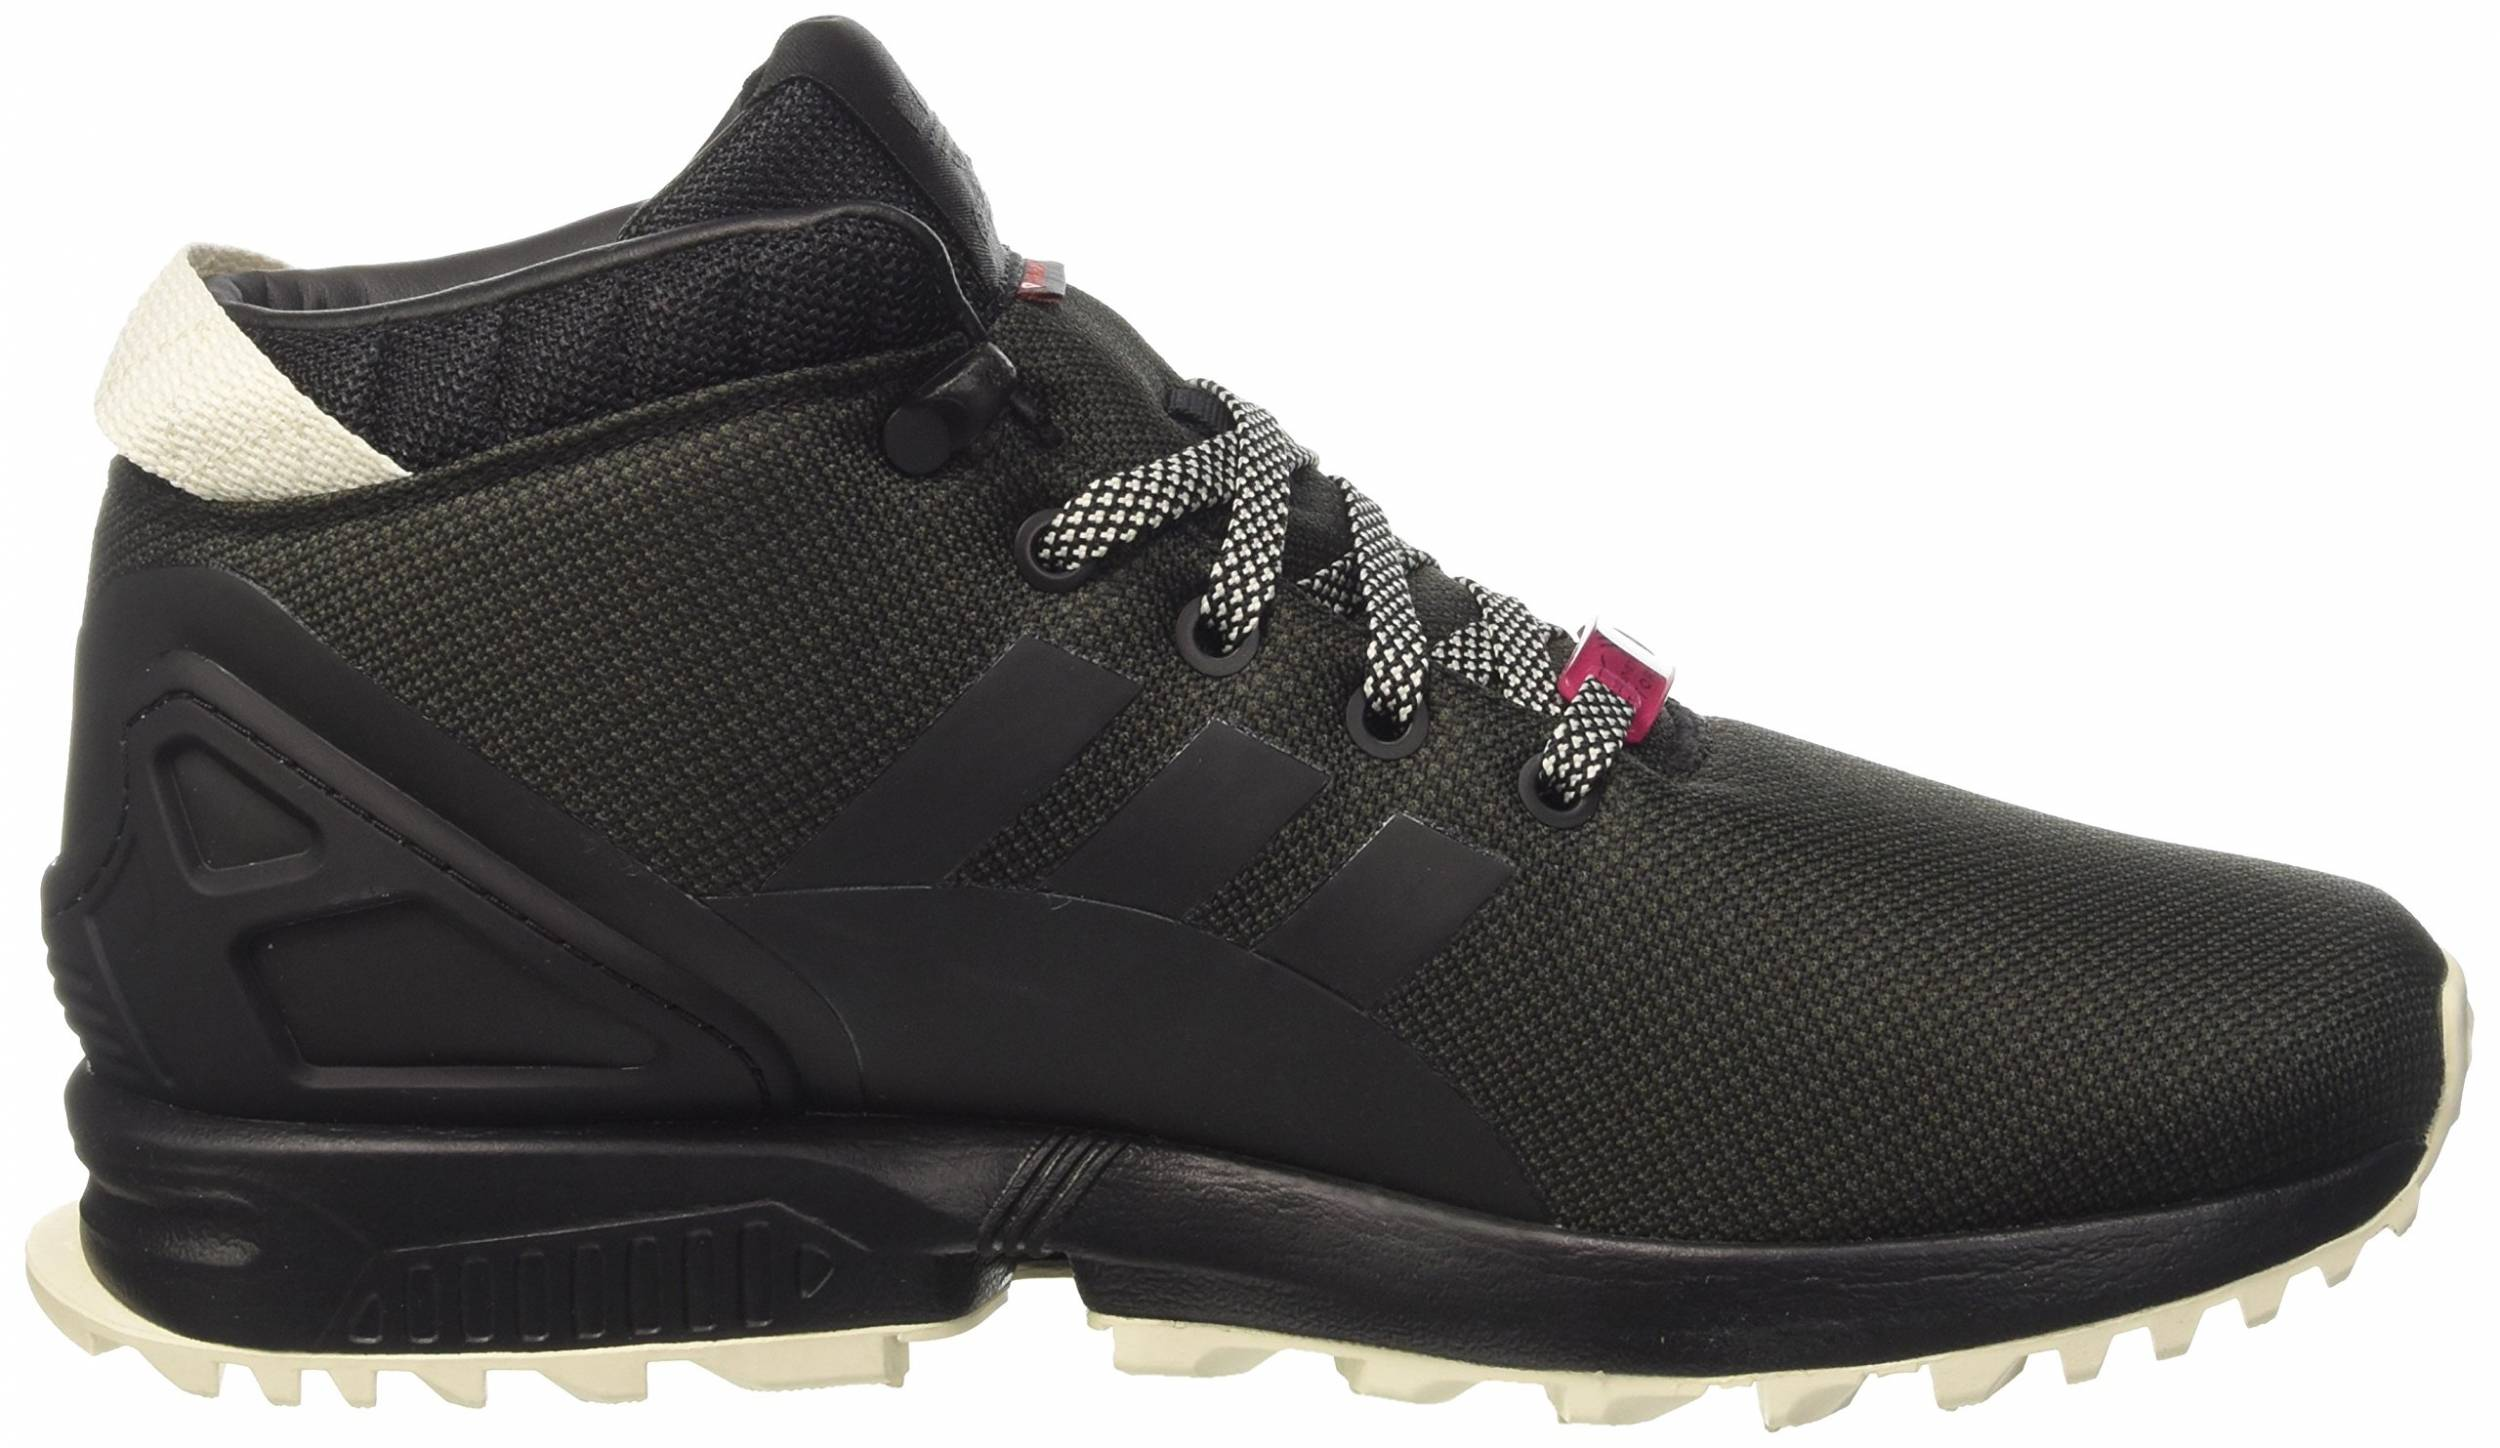 zx flux adidas price